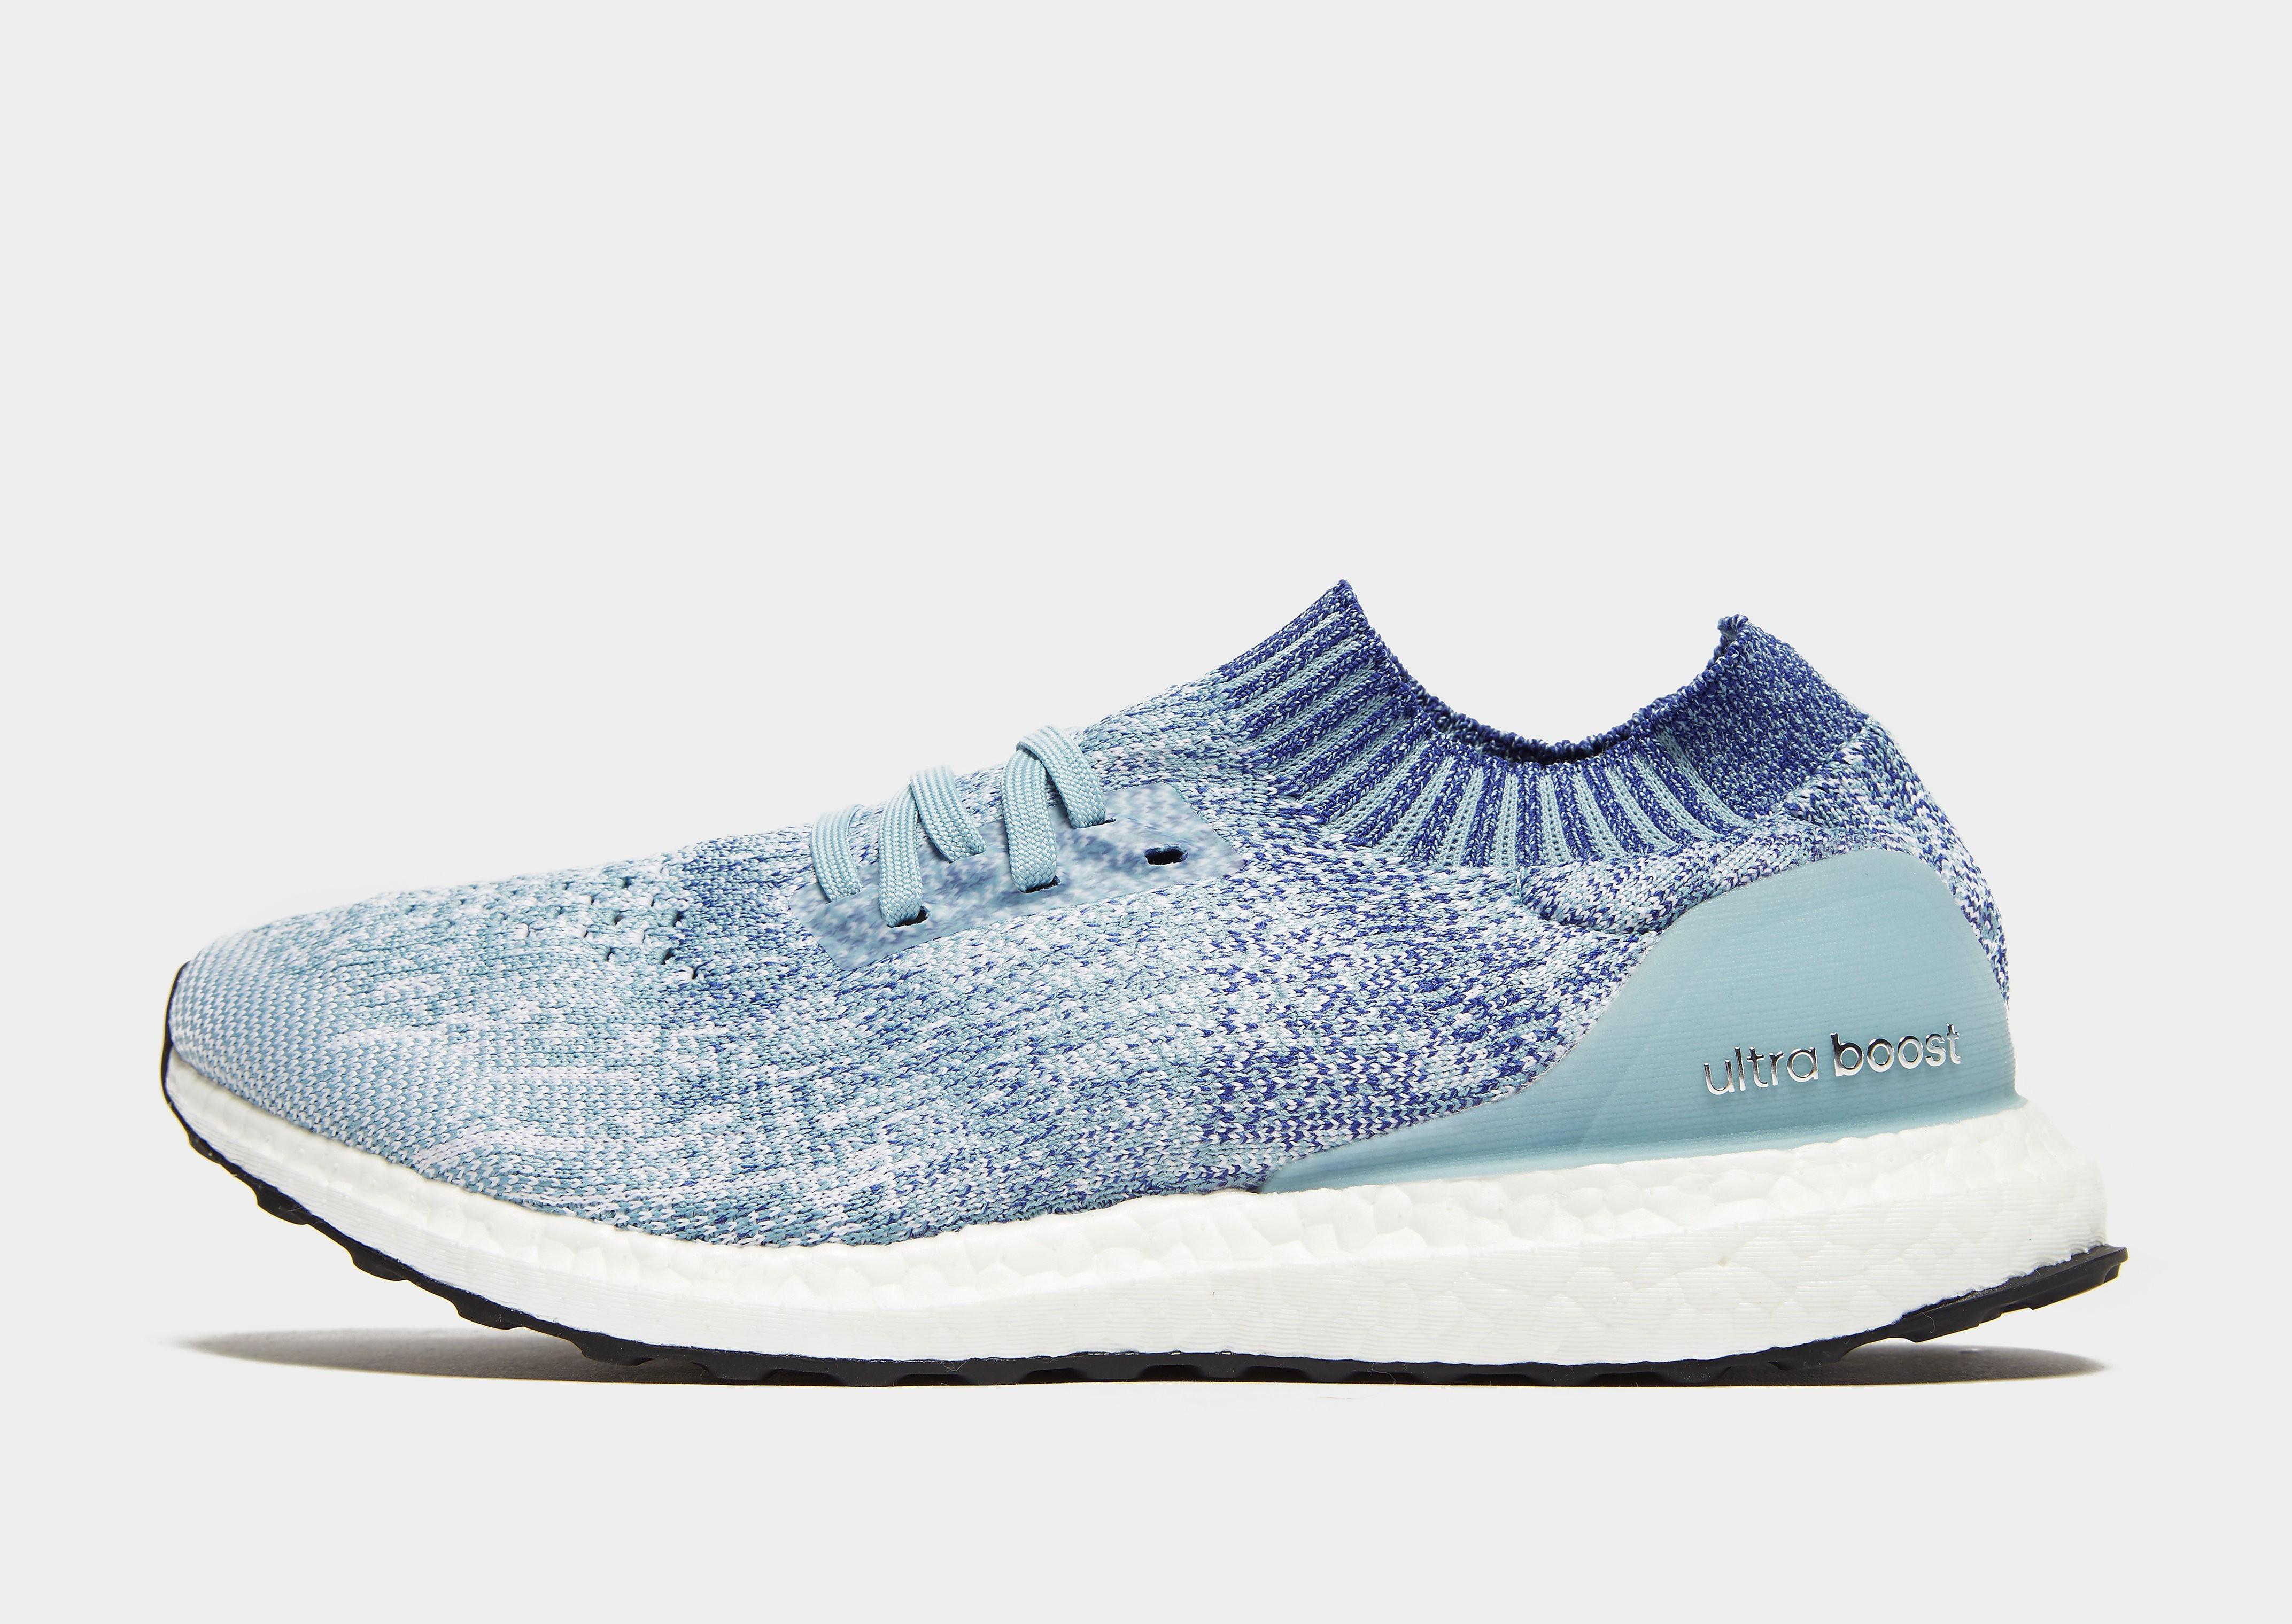 Adidas Ultra Boost herensneaker blauw en grijs